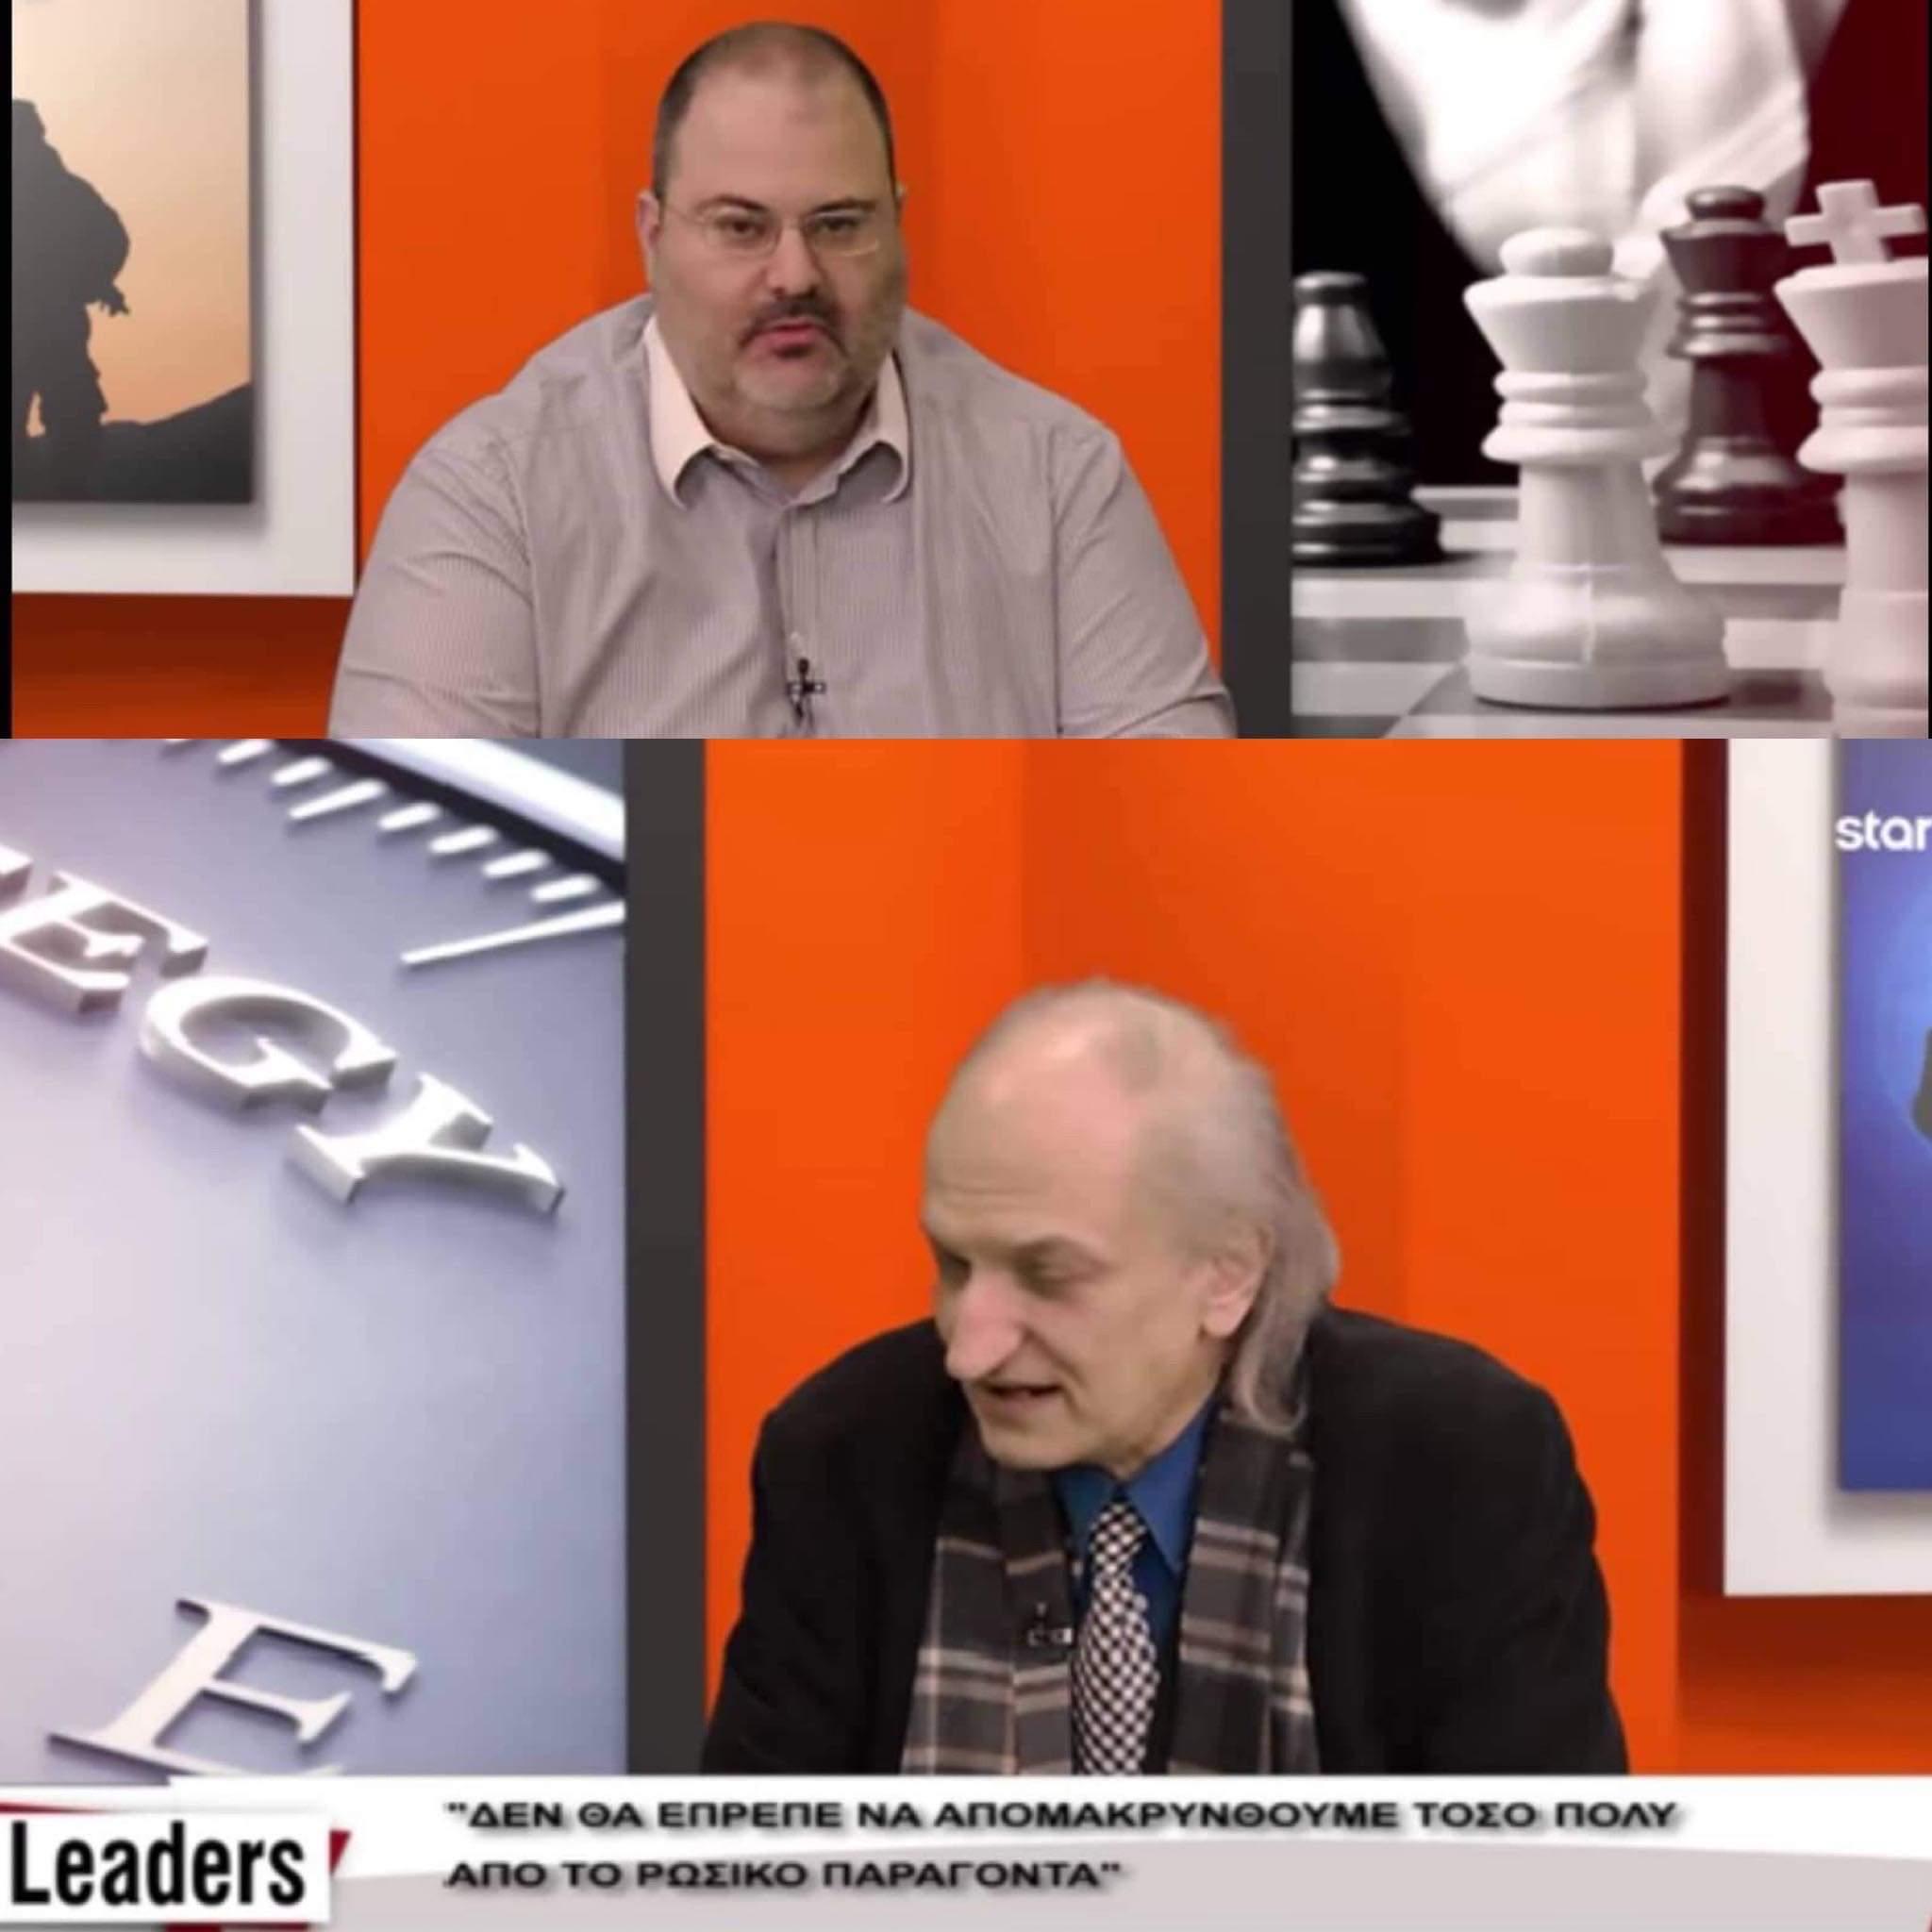 Αθ. Δρούγος στους Leaders: Οι Γερμανοί στηρίζουν τον Ερντογάν (video)